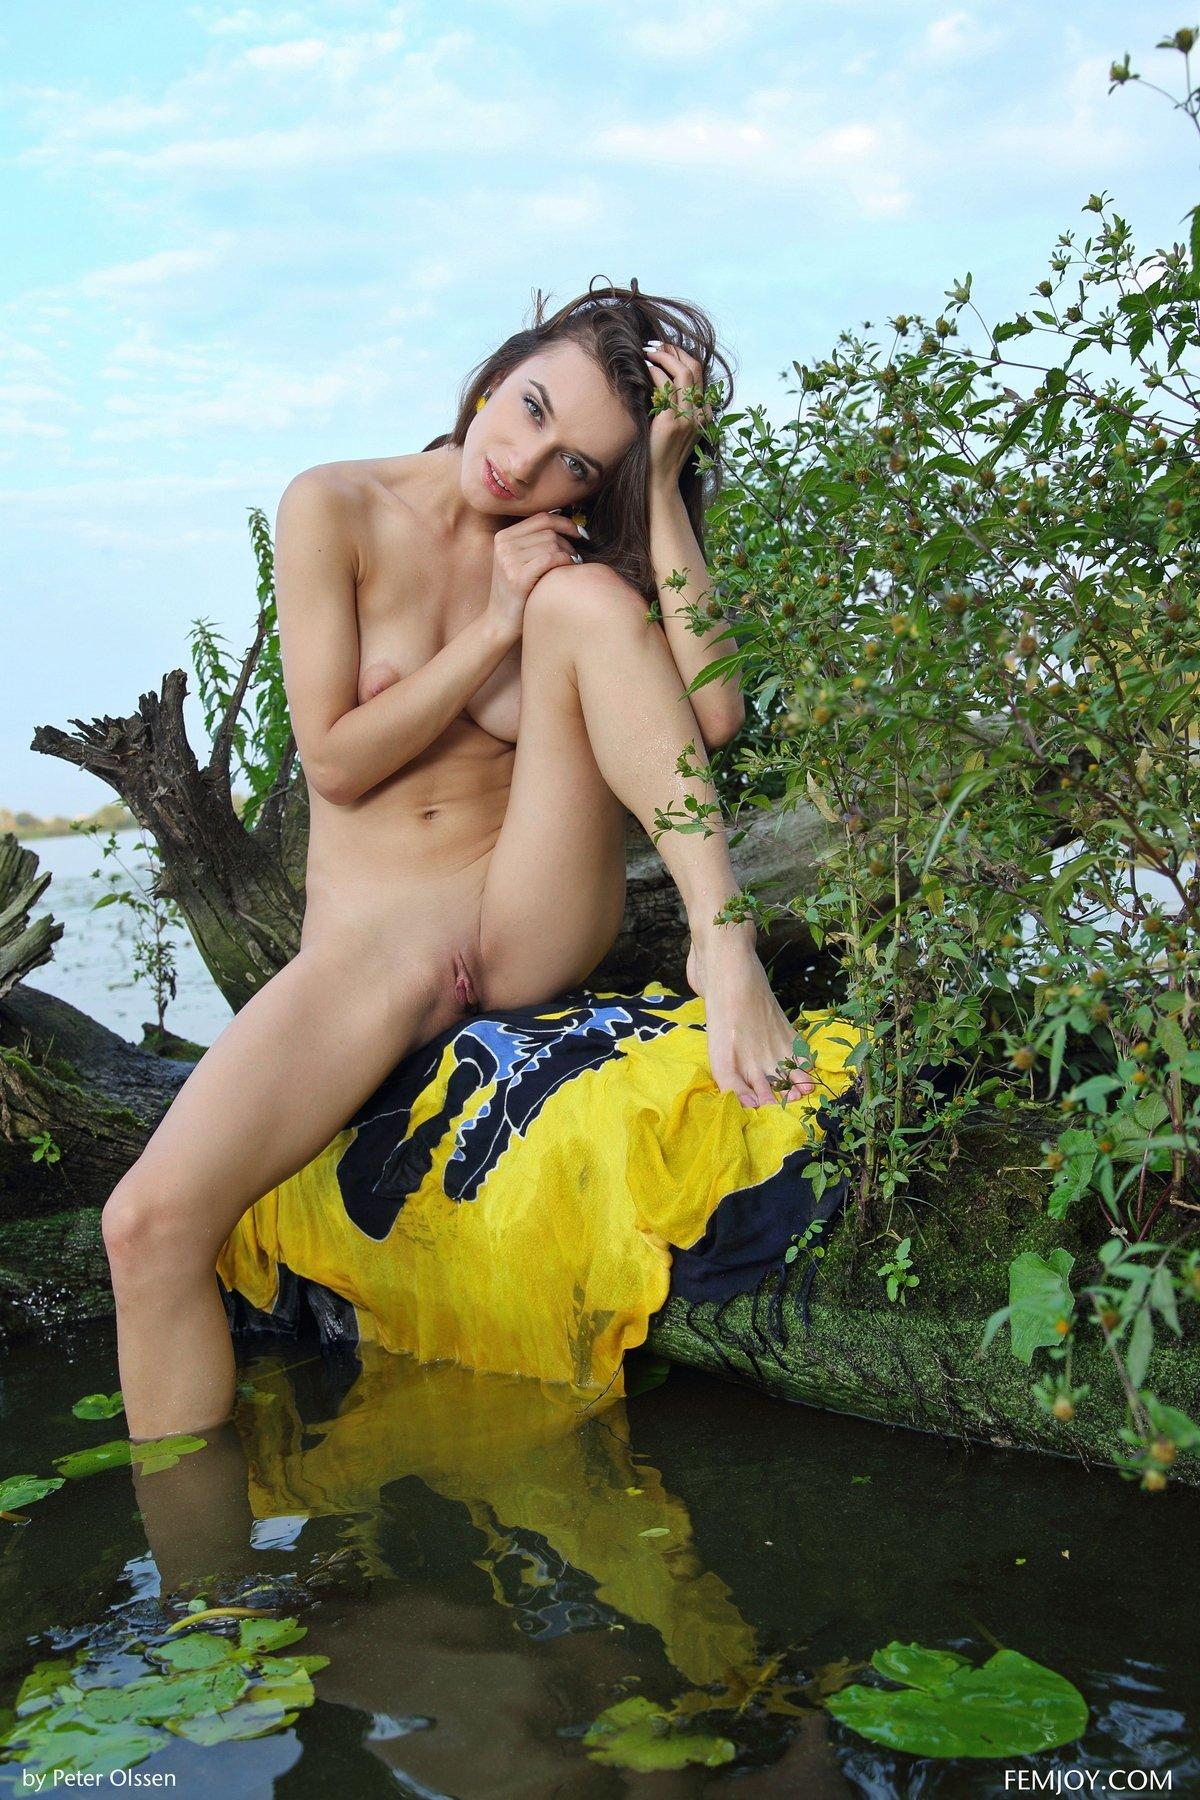 Фото ню 18-летней девки недалеко от пруда